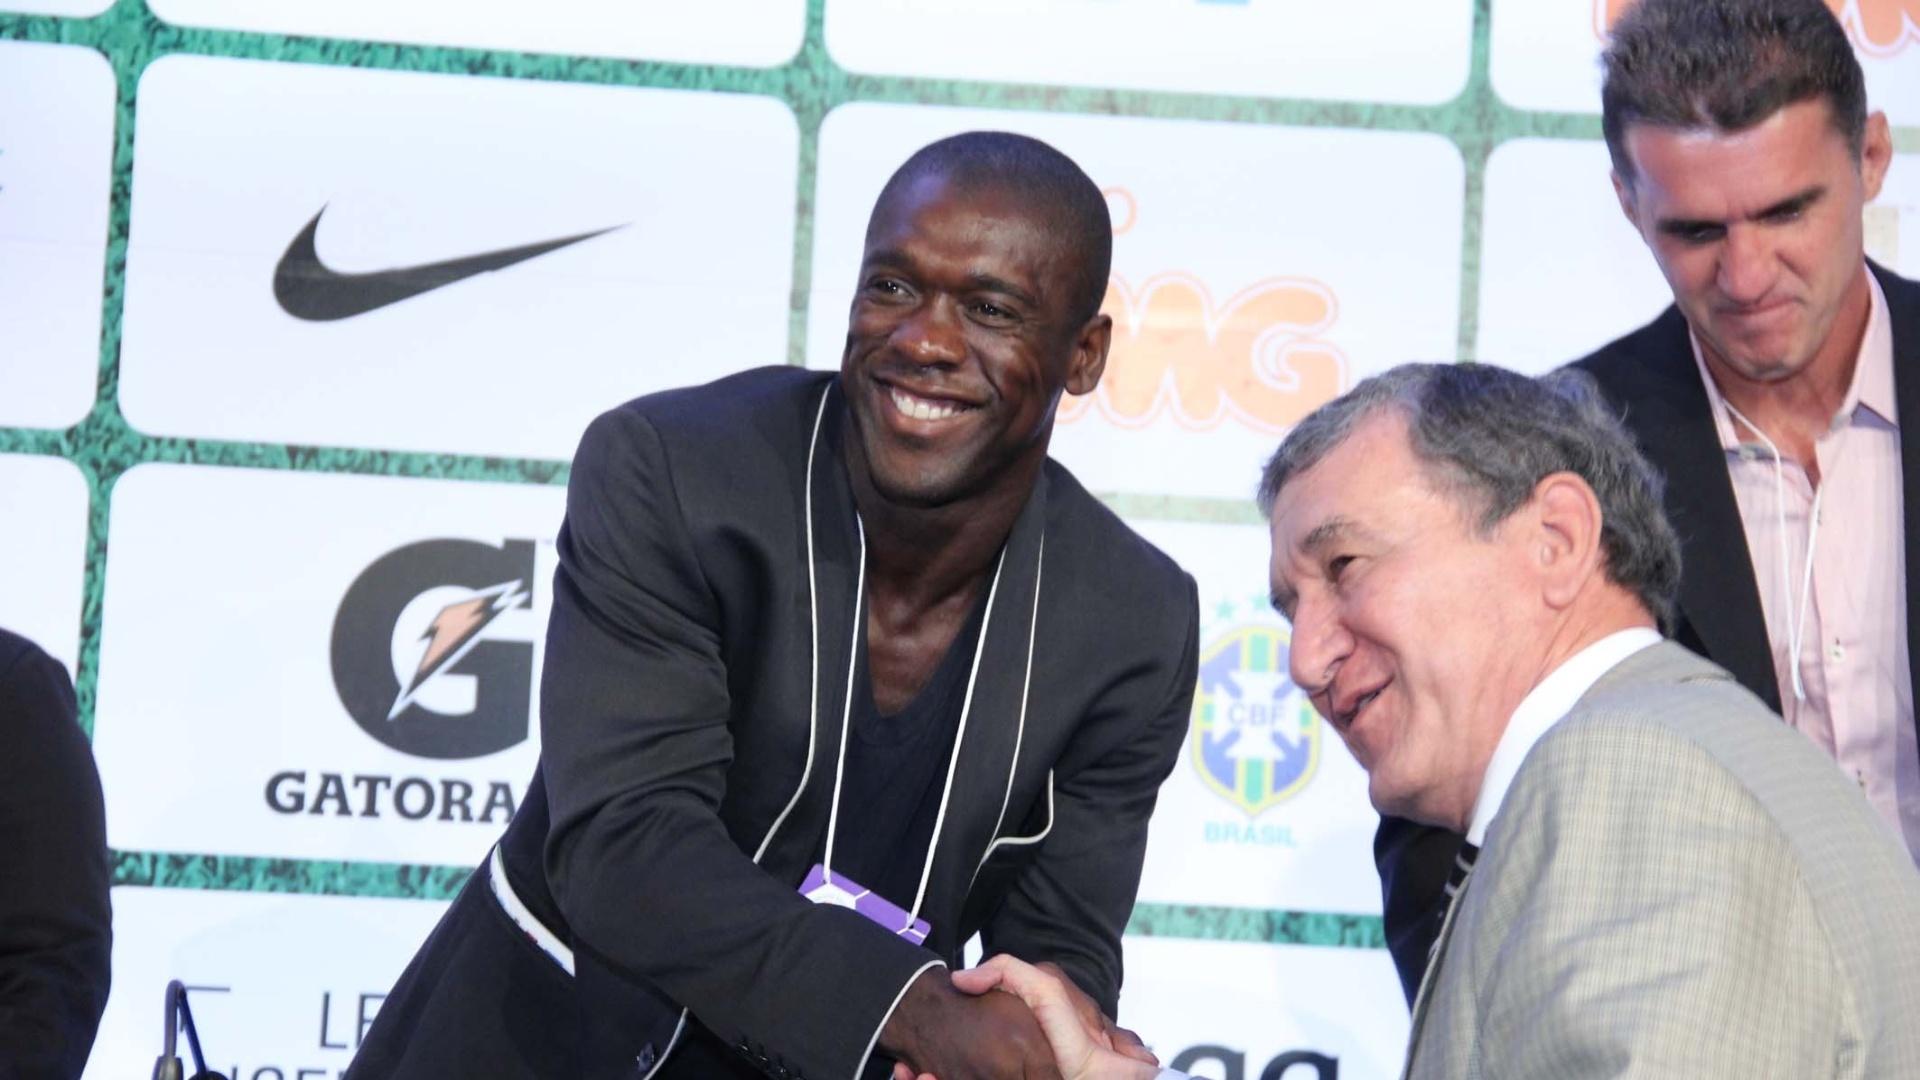 10.dez.2013 - Seedorf cumprimenta Carlos Alberto Parreira durante o Footecon, fórum sobre futebol no Rio de Janeiro